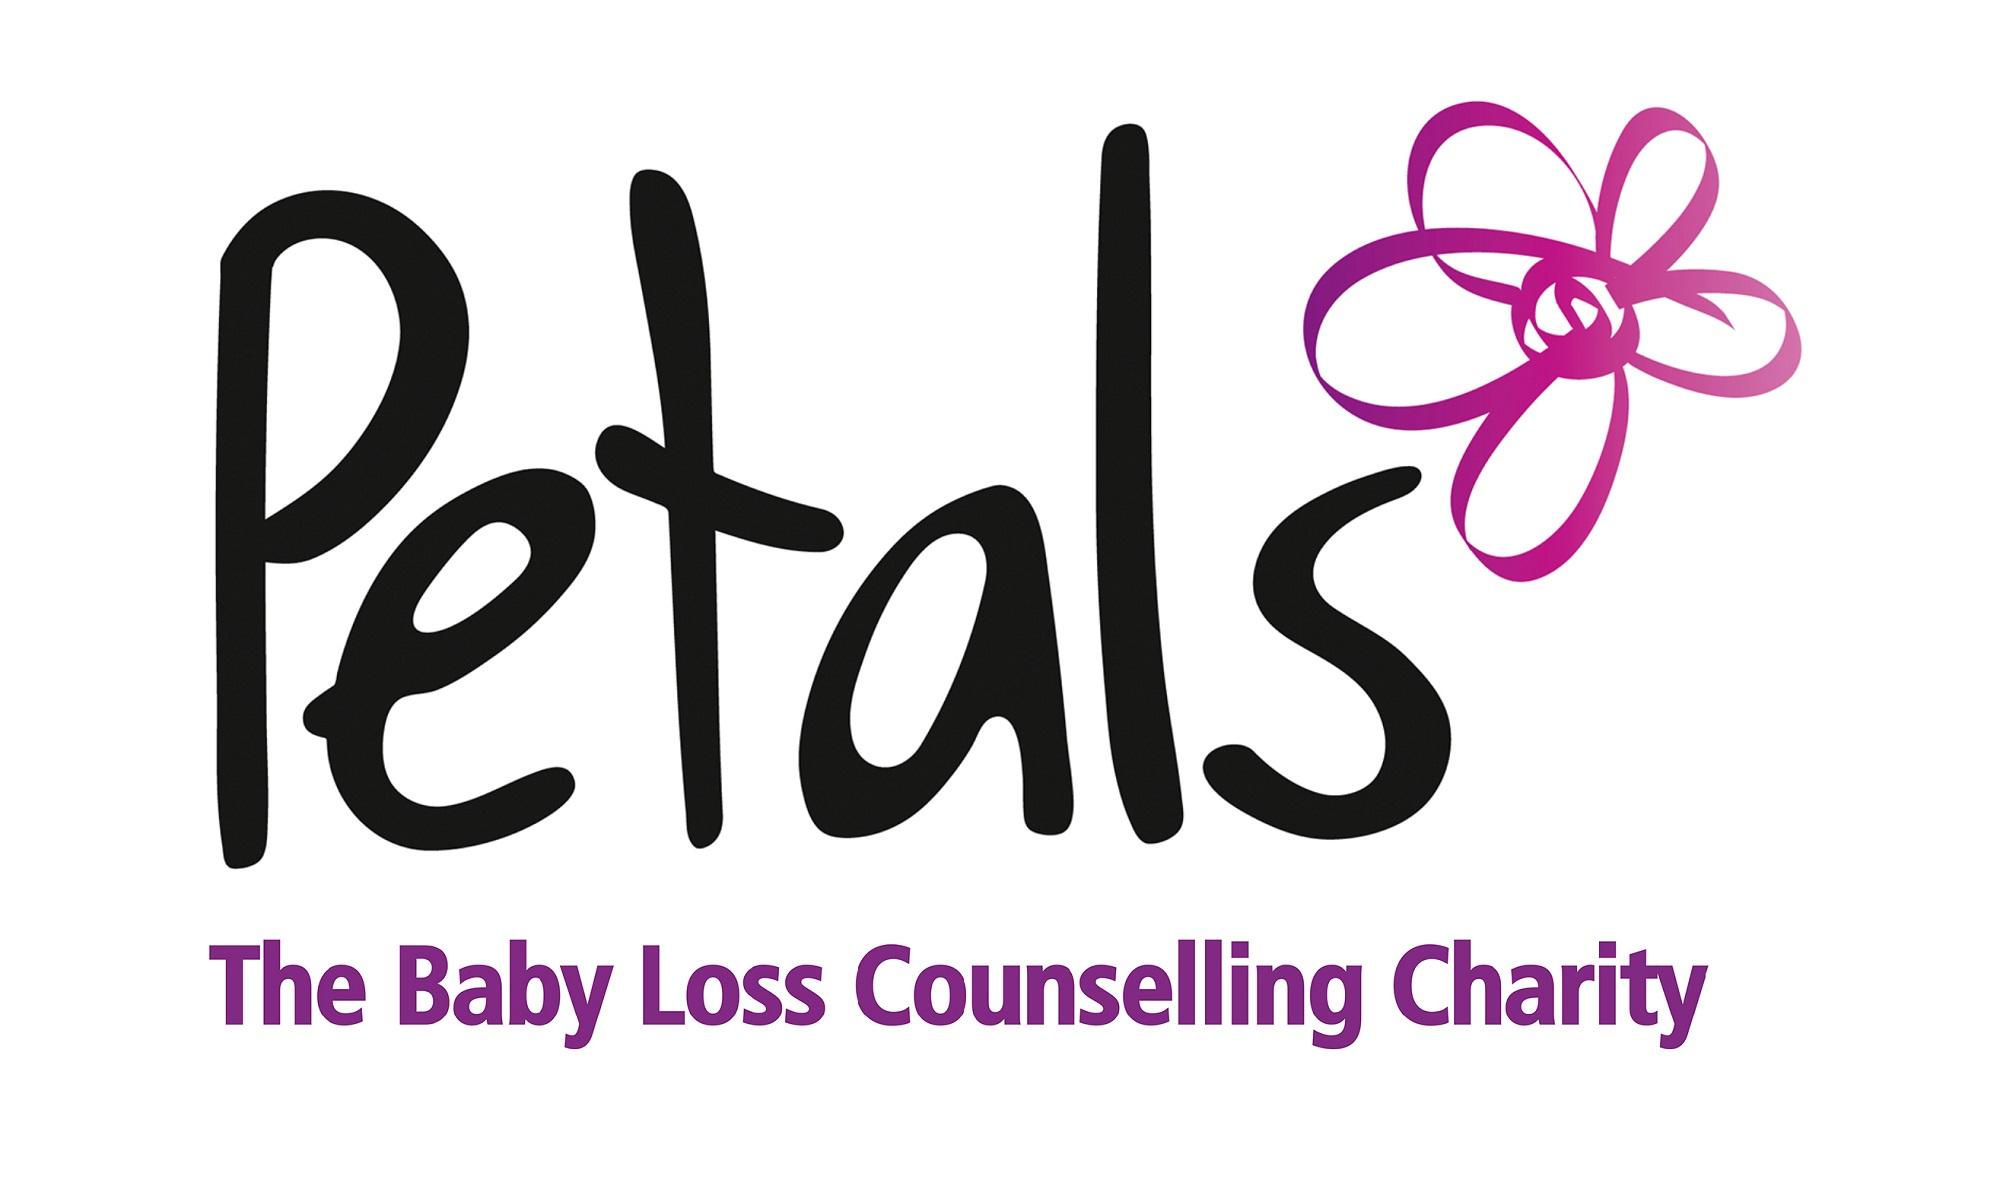 Logo of Petals